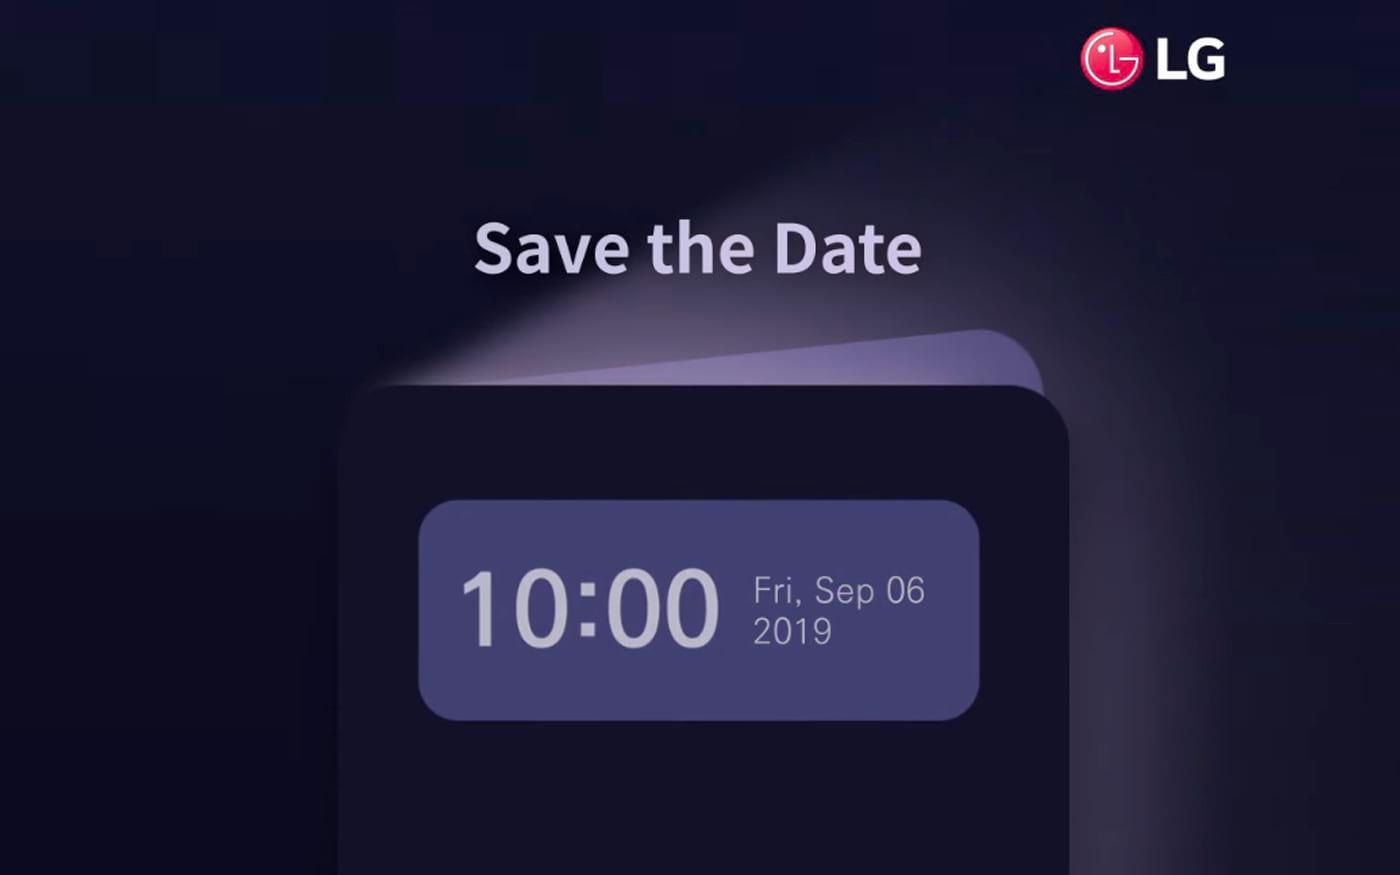 LG se prepara para lançar smartphone com tela dupla na IFA 2019 em Berlim